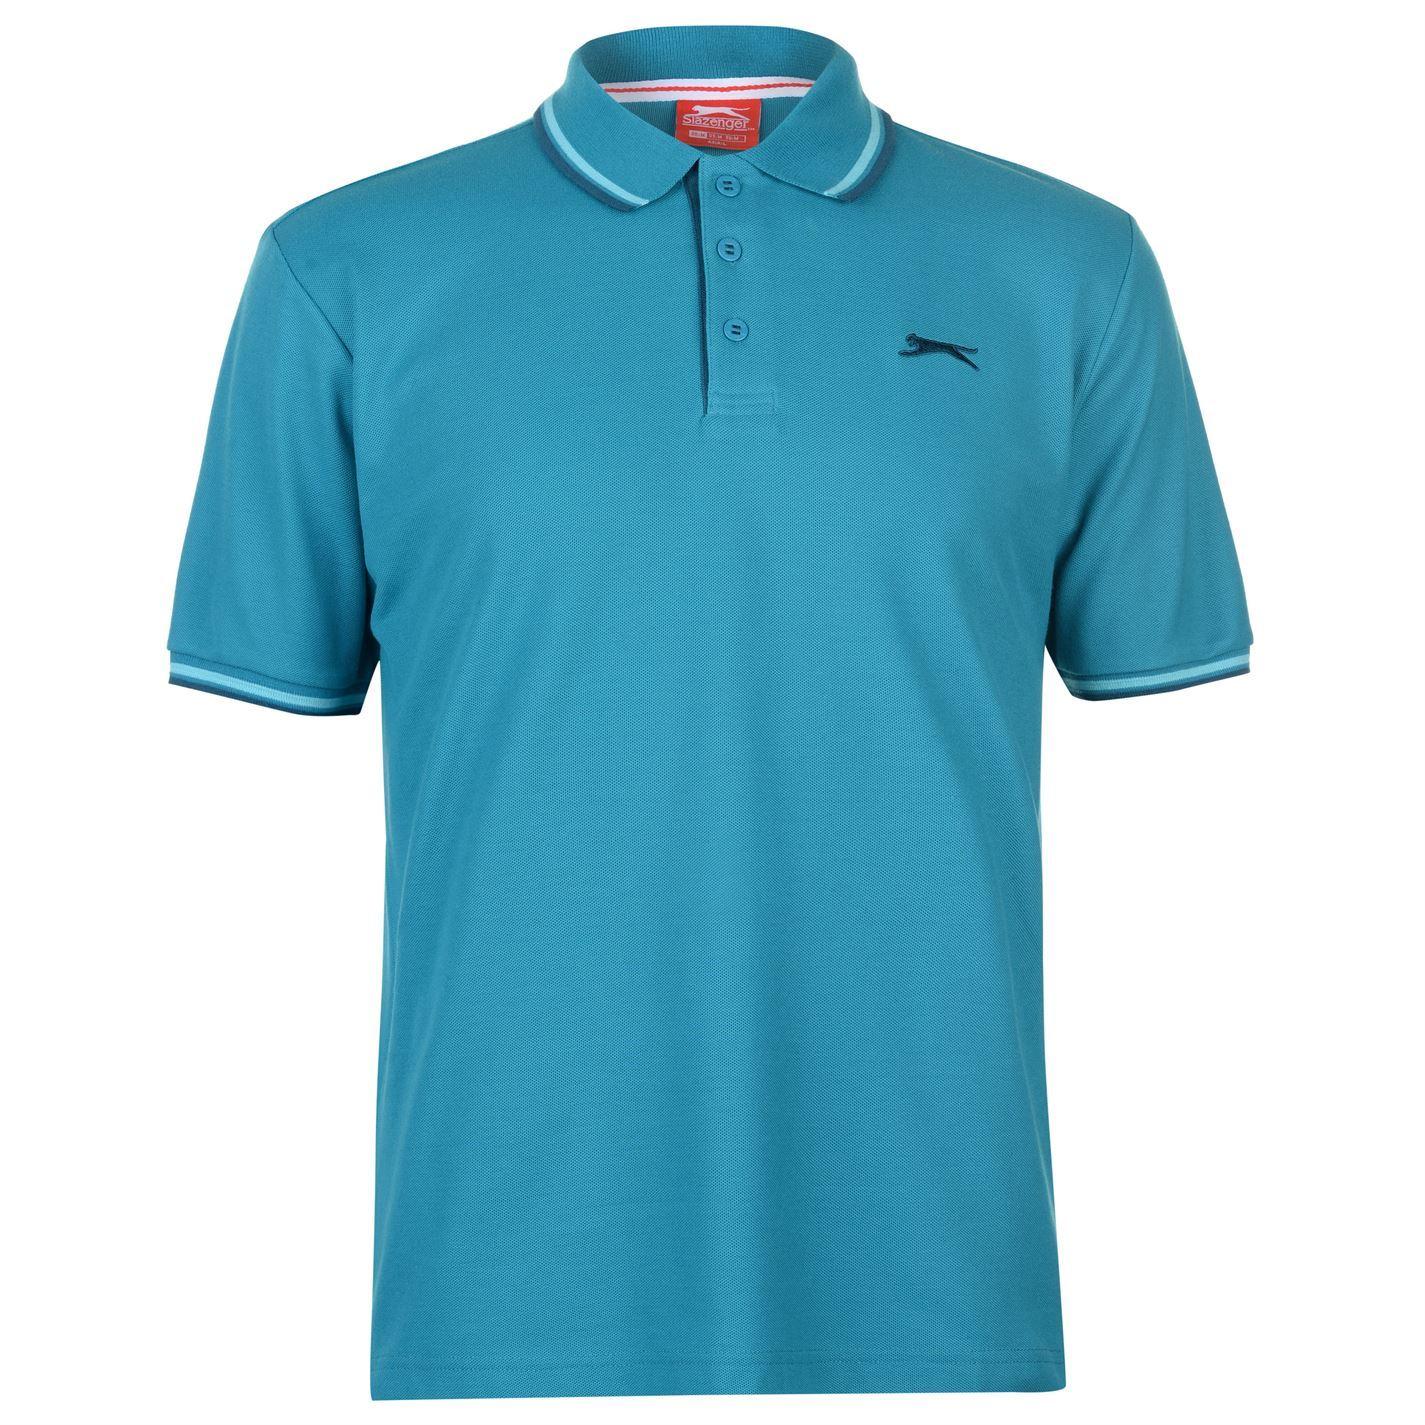 Slazenger-Polo-Camisa-de-hombre-con-cuello-con-Punta-T-Shirt-Top-Camiseta-Tee miniatura 72